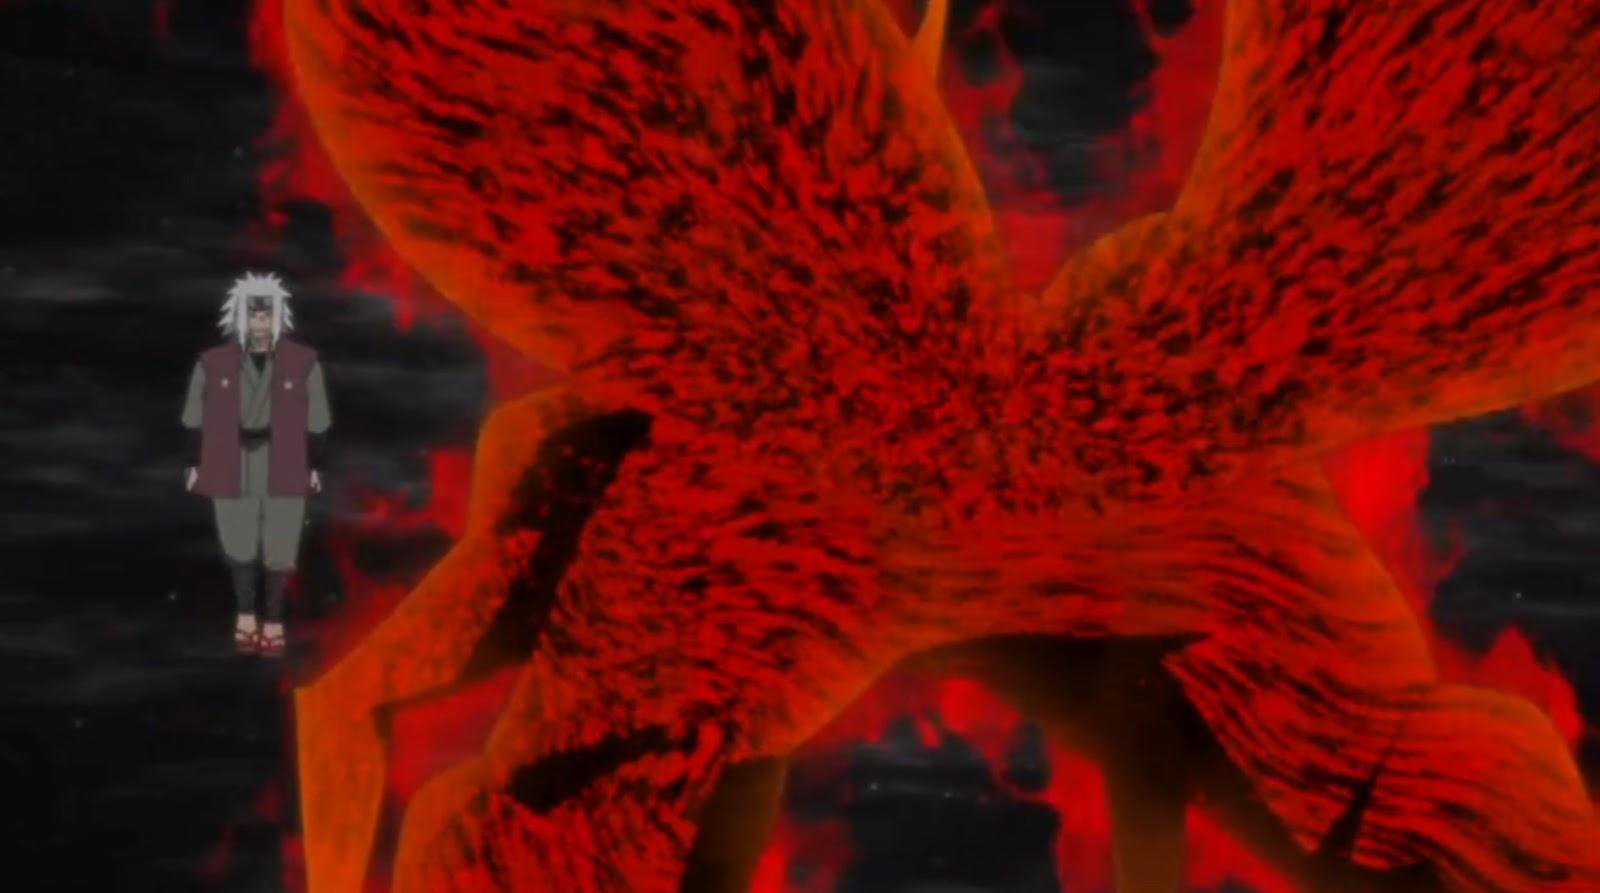 Naruto Shippuden Episódio 439, Assistir Naruto Shippuden Episódio 439, Assistir Naruto Shippuden Todos os Episódios Legendado, Naruto Shippuden episódio 439,HD